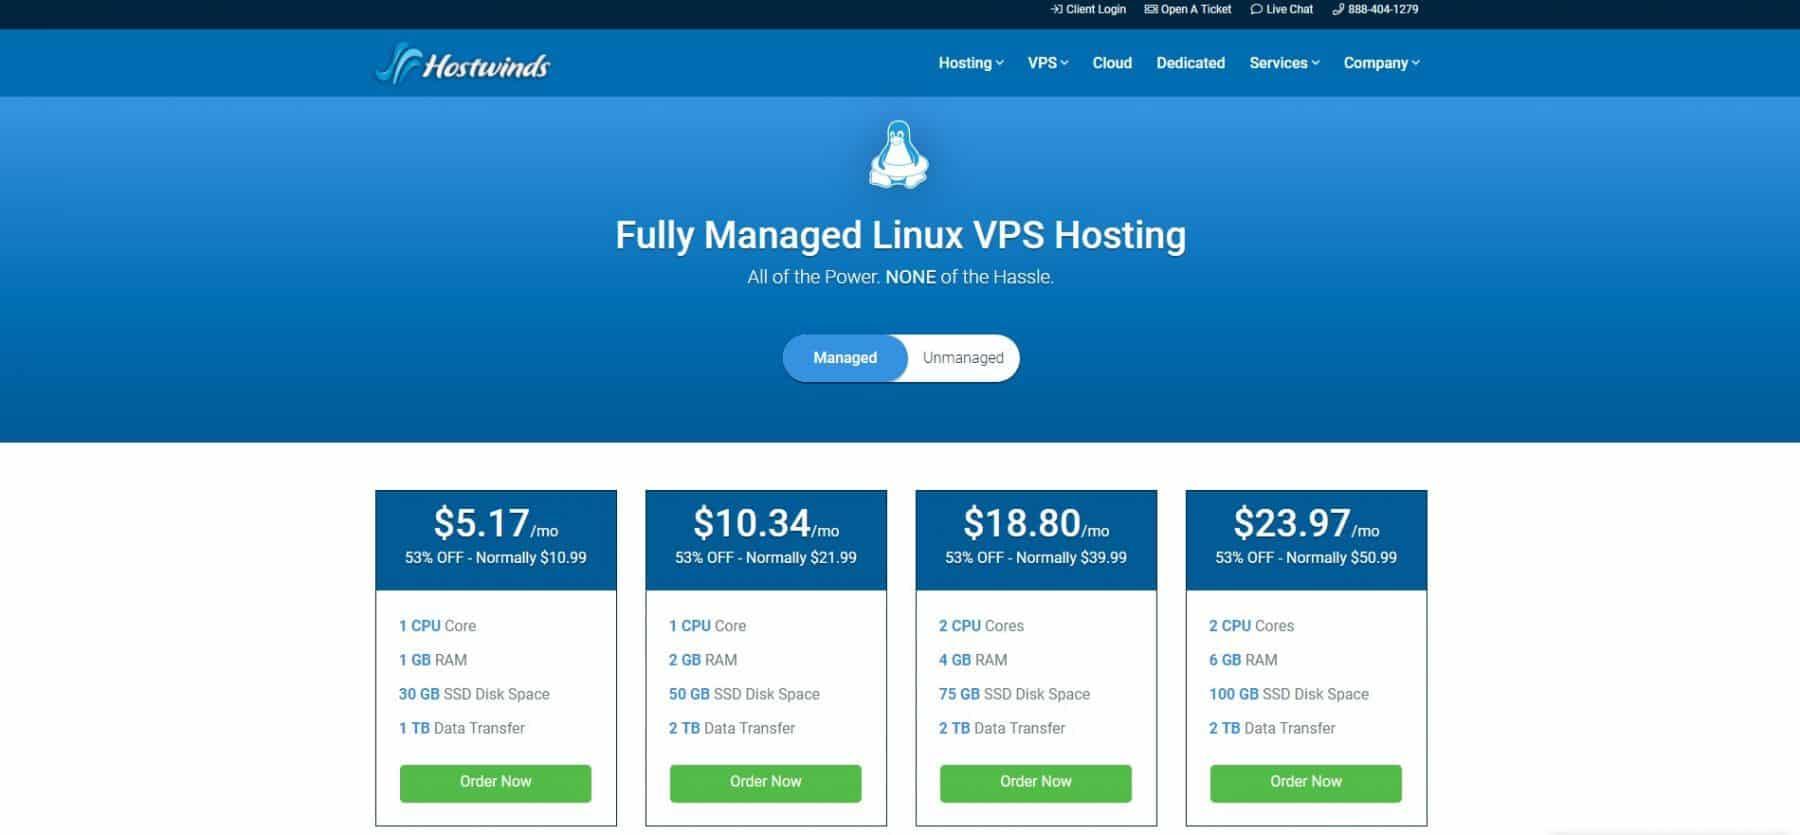 hostwinds vps hosting